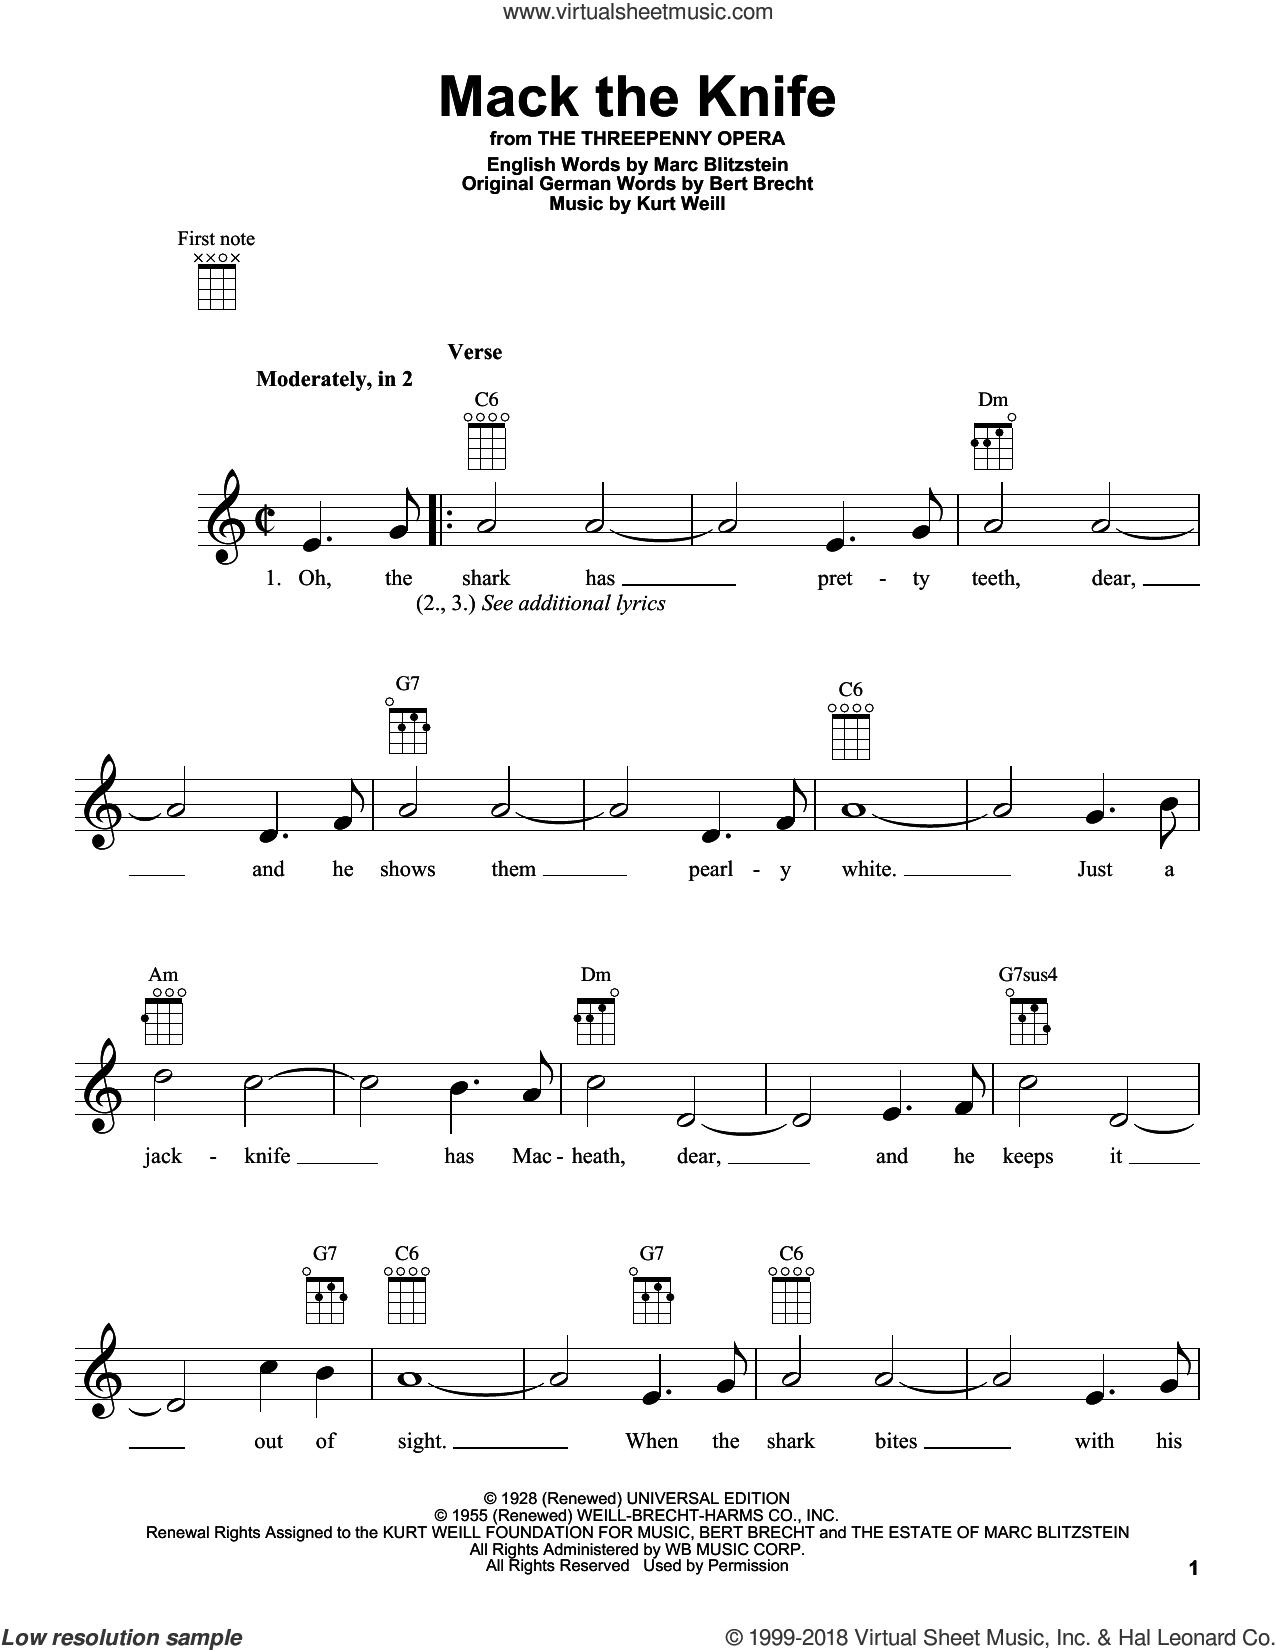 Mack The Knife sheet music for ukulele by Bobby Darin, intermediate skill level